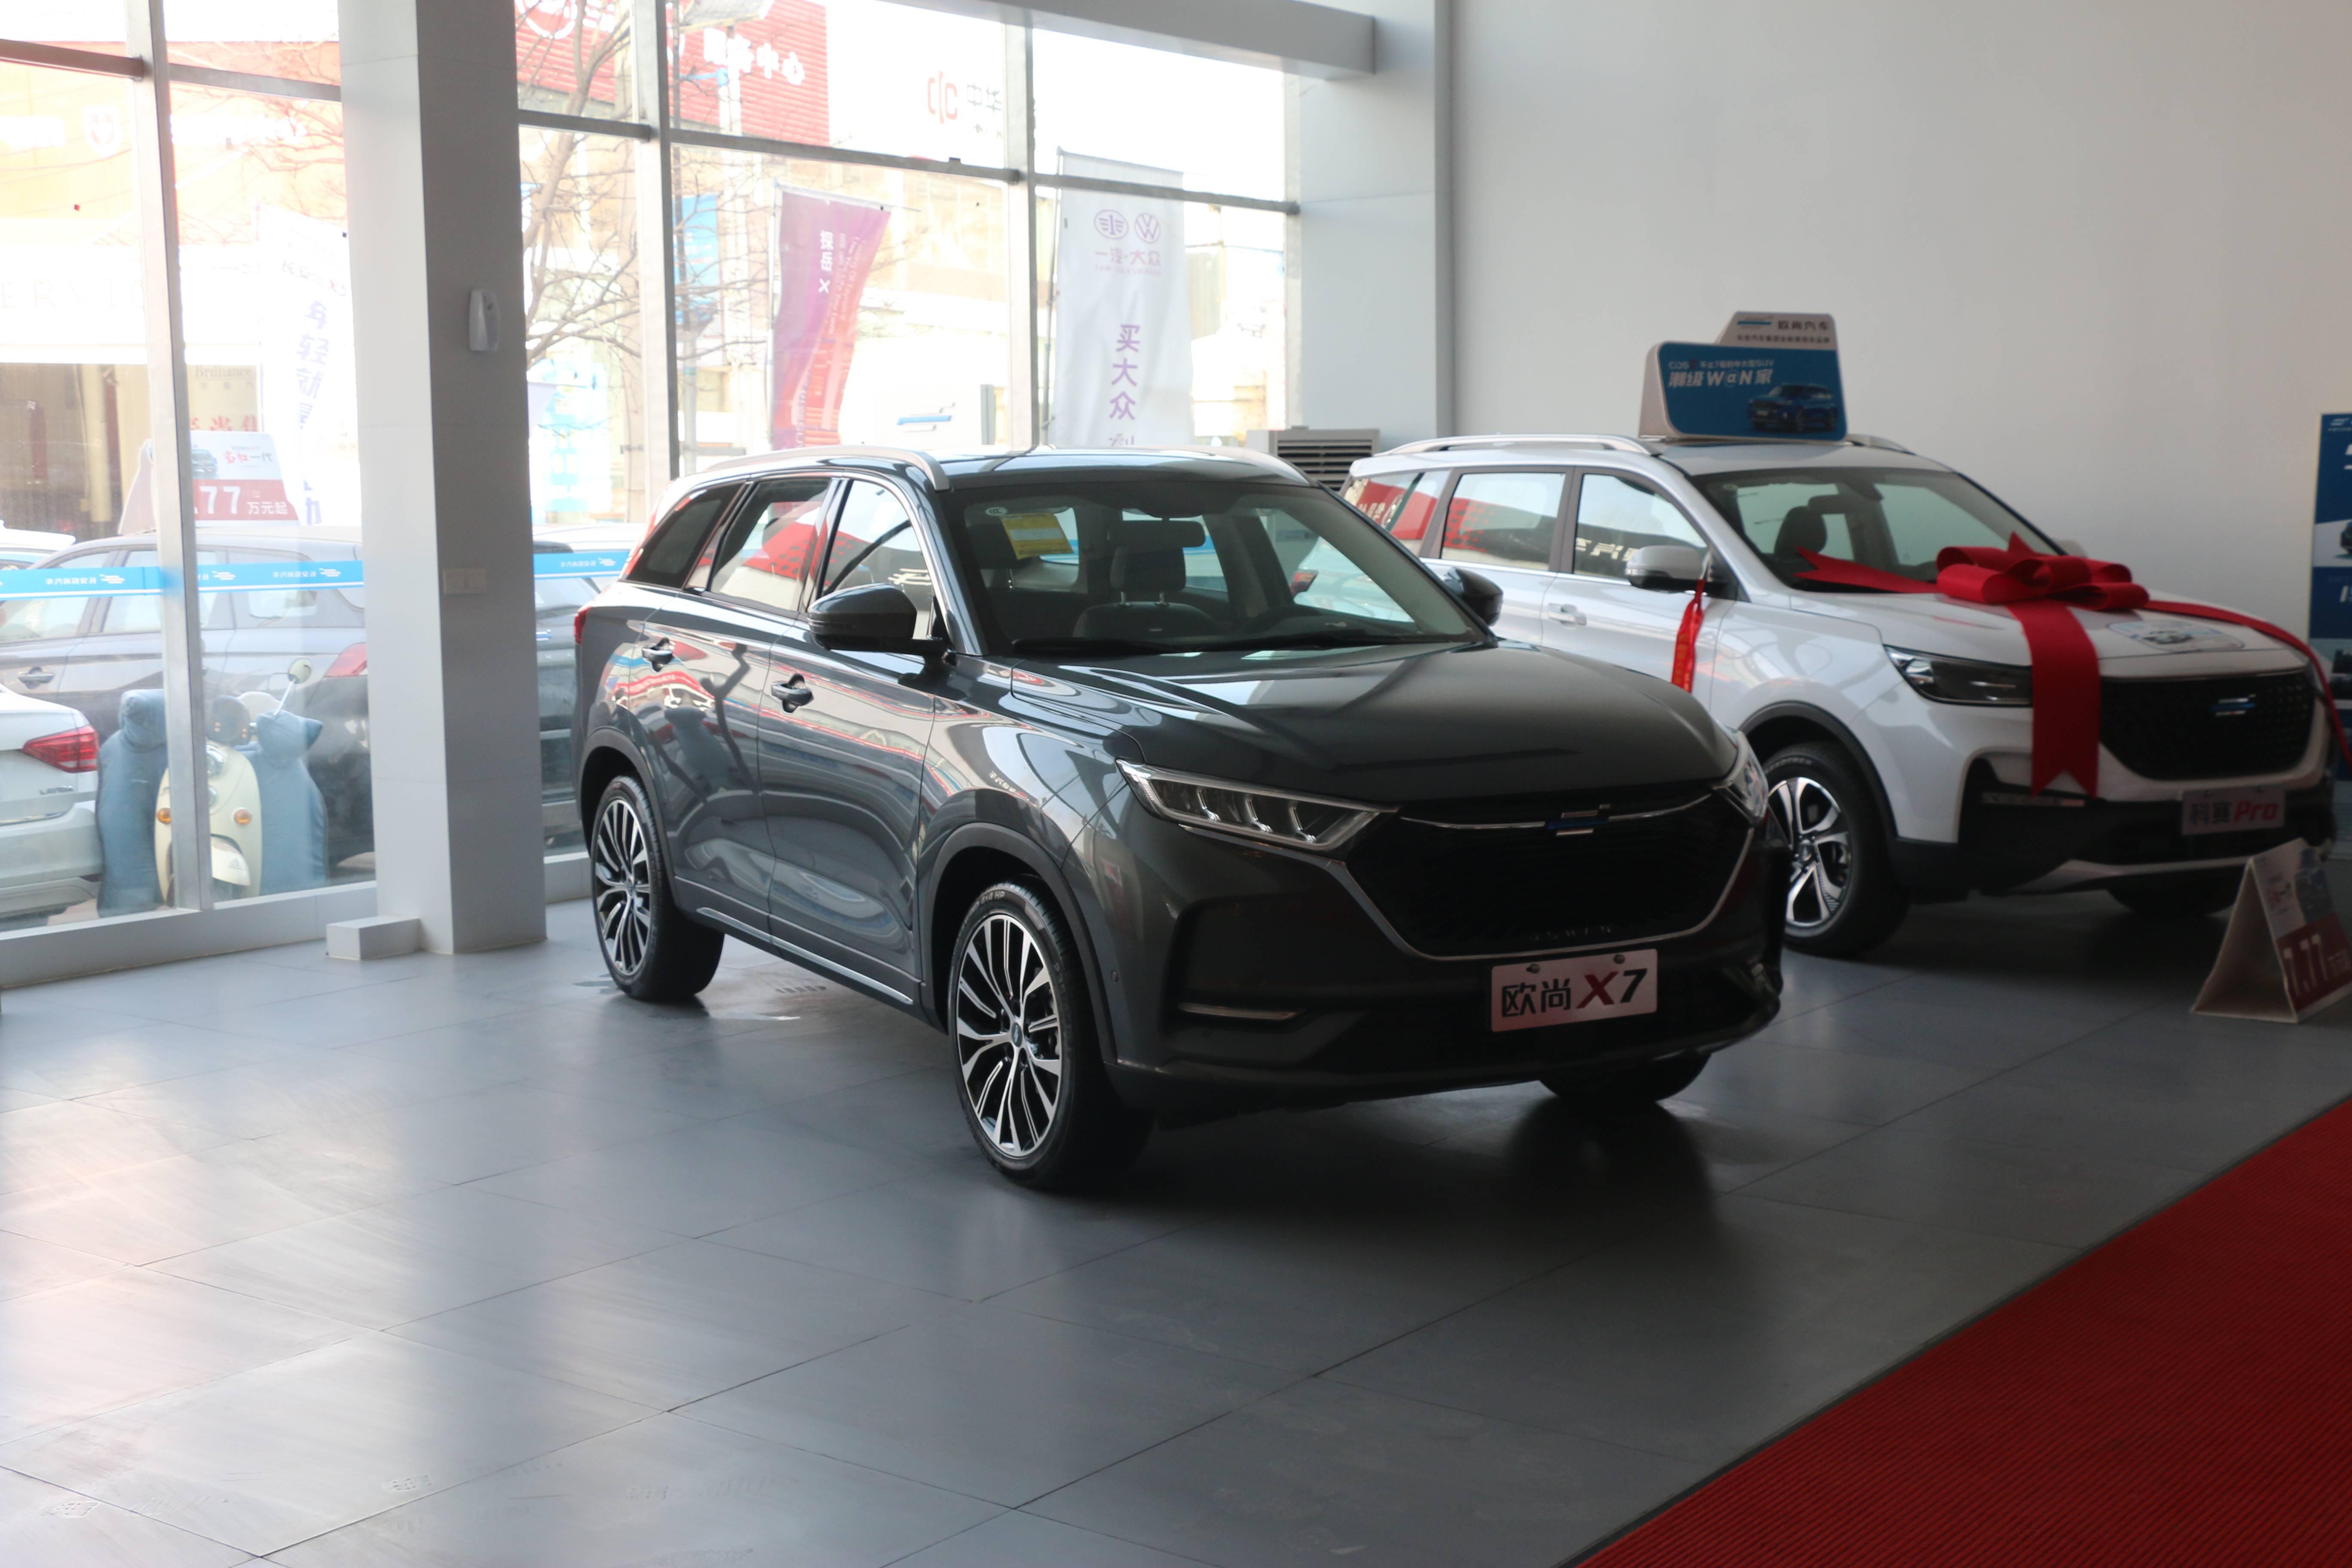 10万车主品质验证,2021长安欧尚X7刚刚红